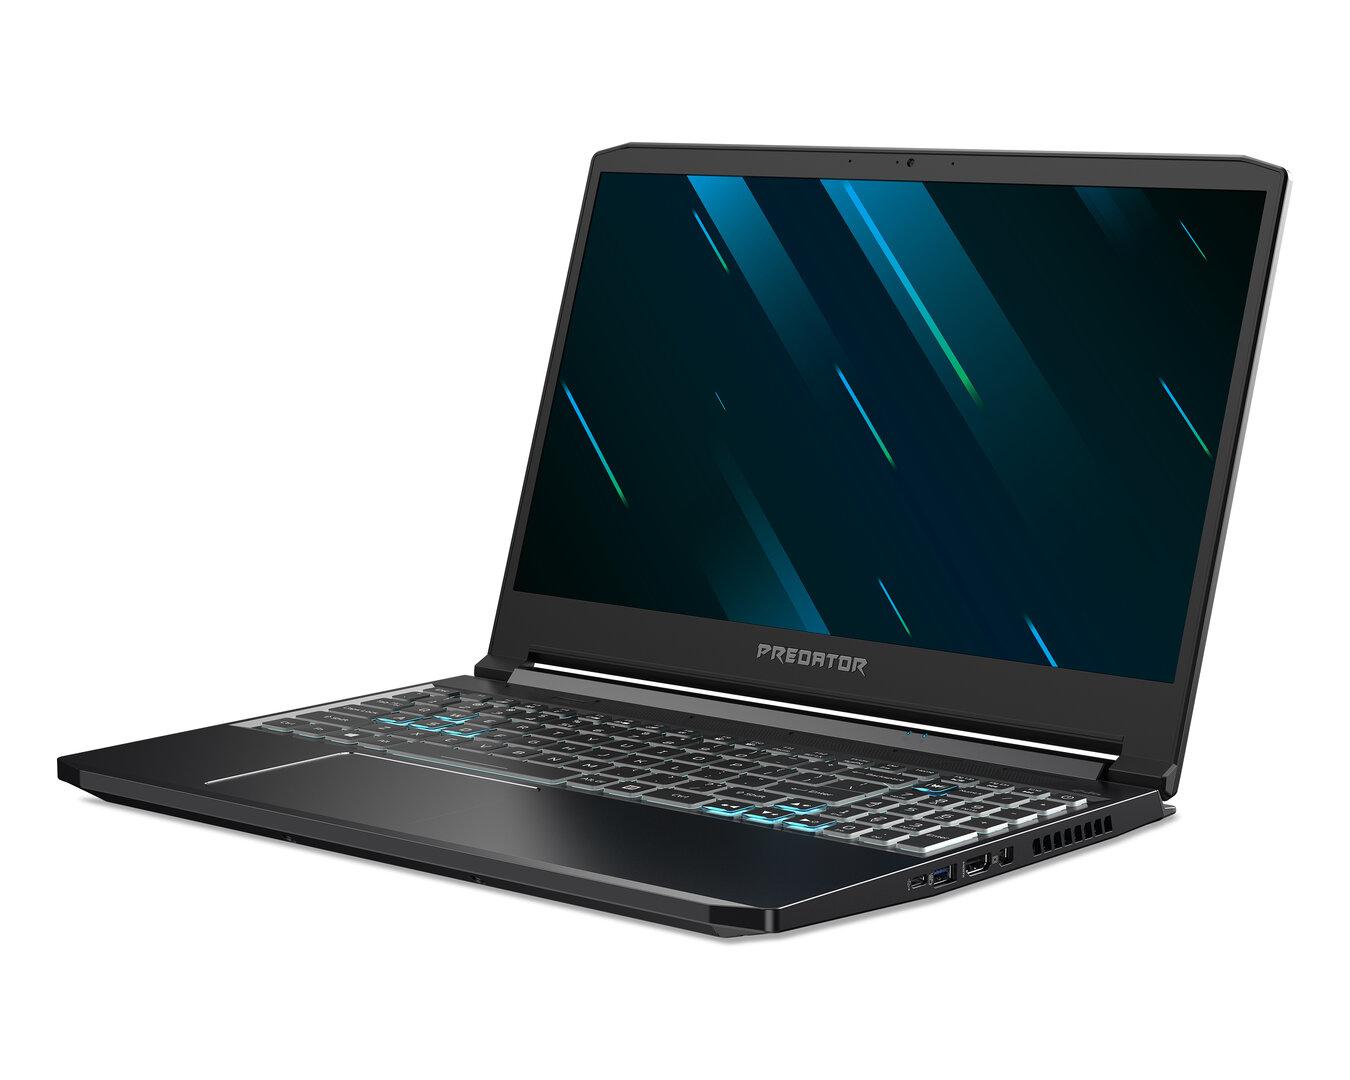 Das neue Acer Predator Triton 300 mit bis zu 240 Hertz